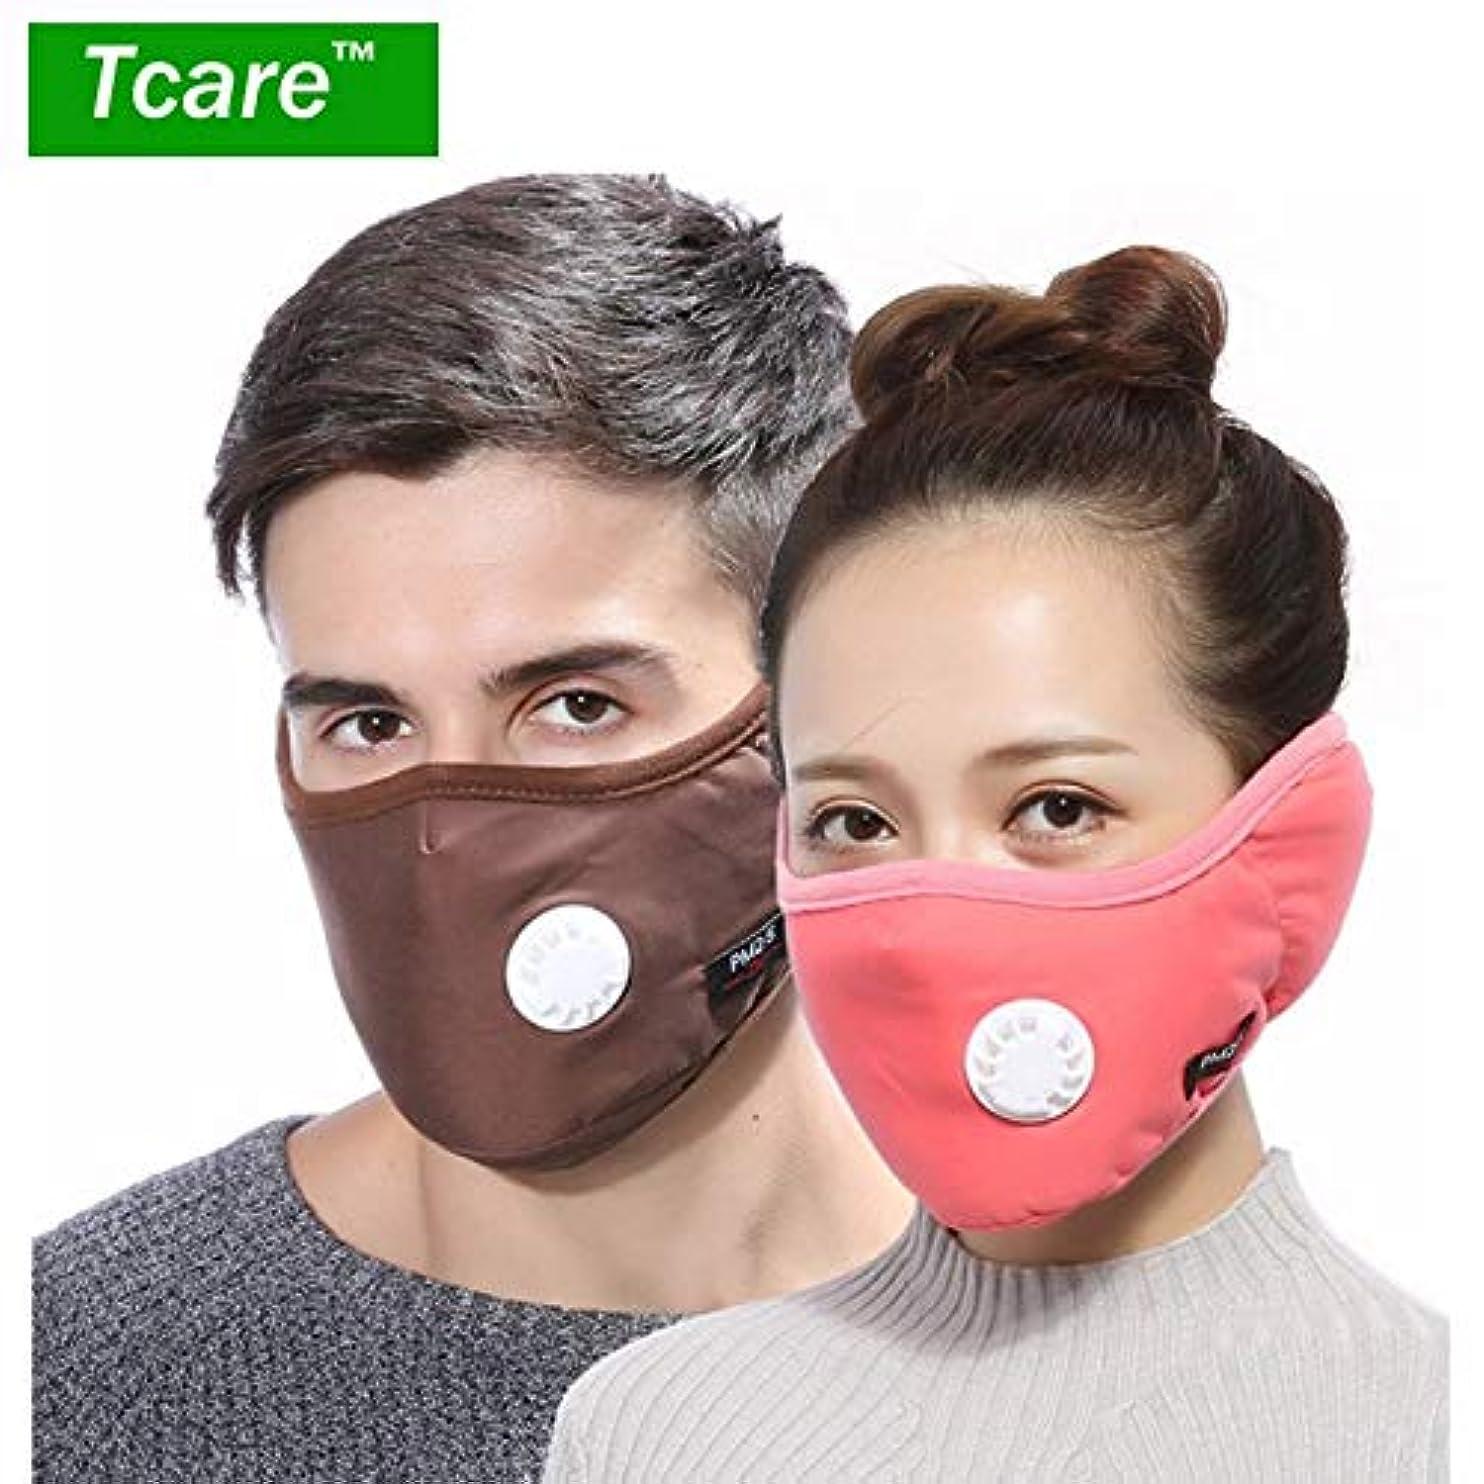 トレーダー法王壮大な1ブラック:1 PM2.5マスクバルブコットンアンチダスト口マスクの冬のイヤーマフActtedフィルター付マスクでTcare 2